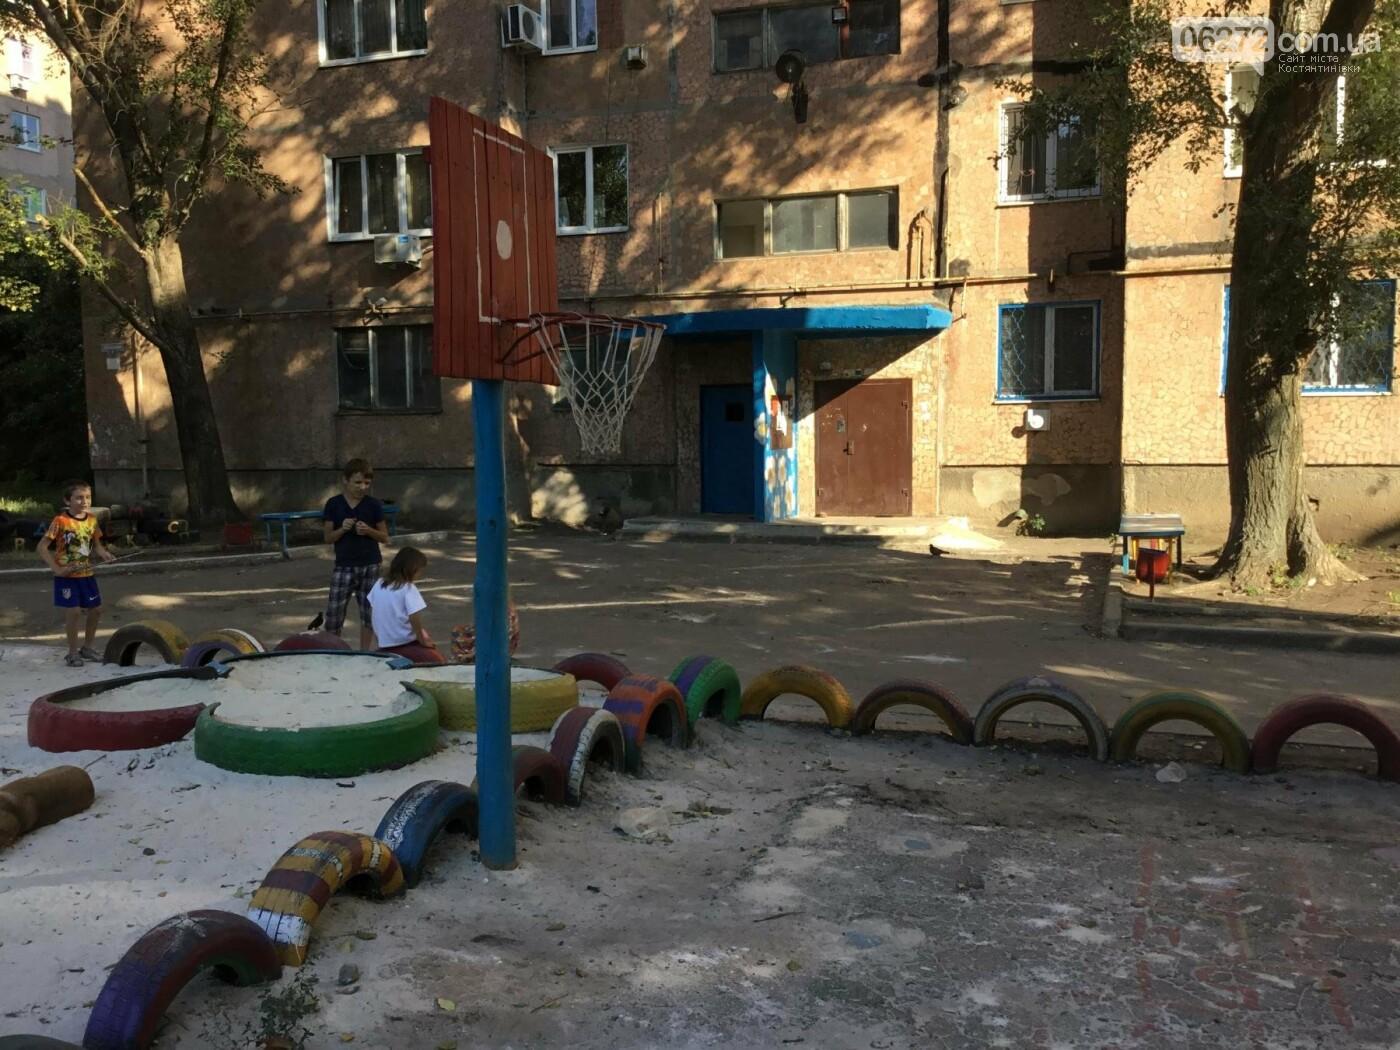 В Константиновке по ул. Безнощенко молодежь сделала спортивную площадку для детей, фото-10